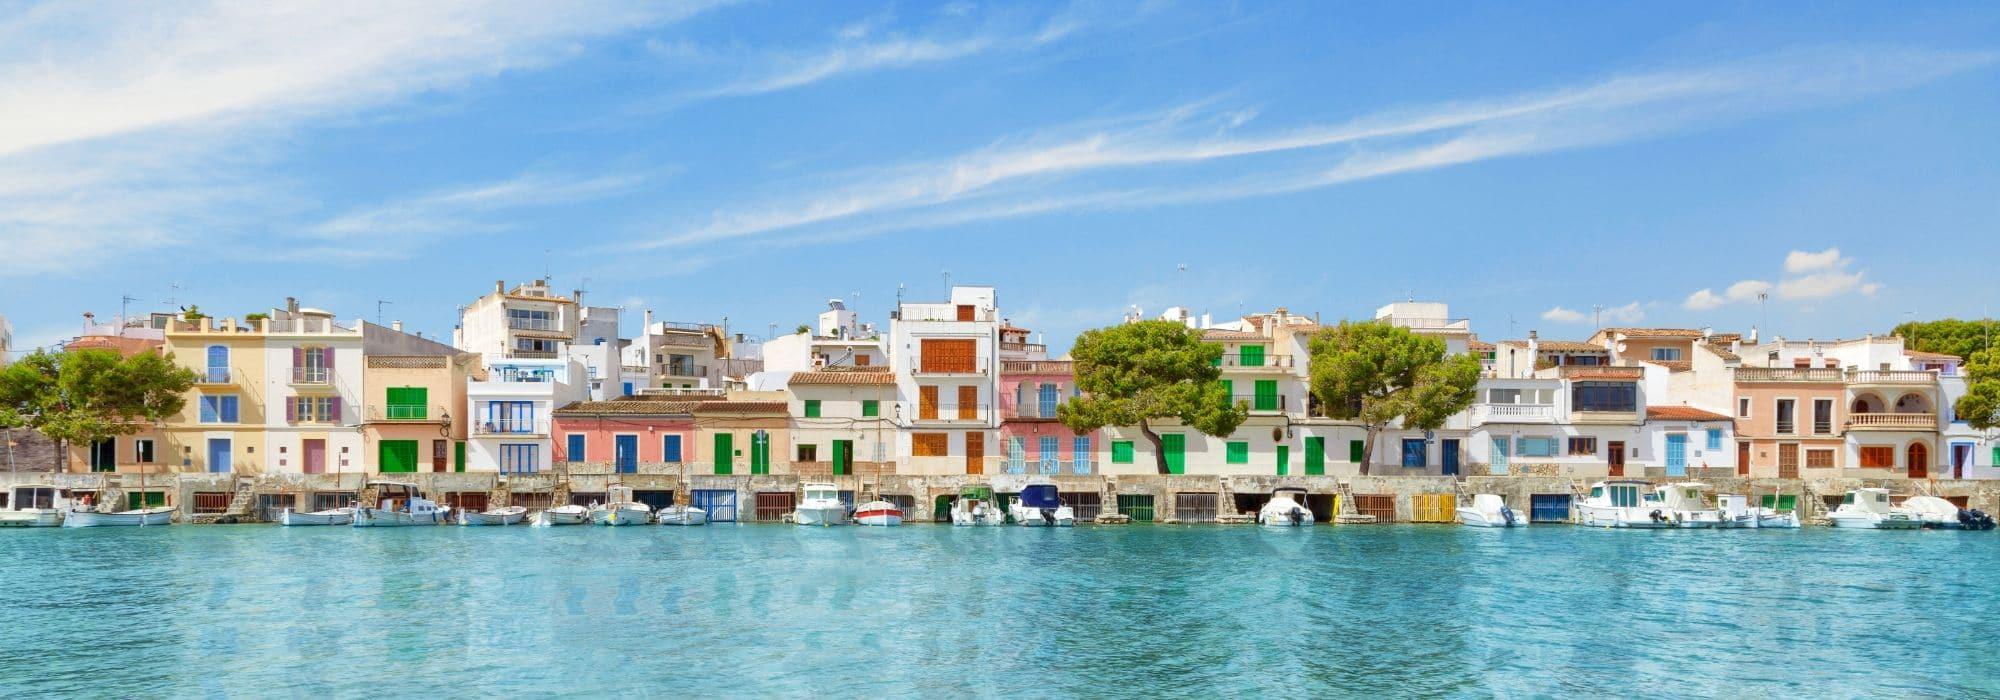 Immobilien Portocolom Mallorca